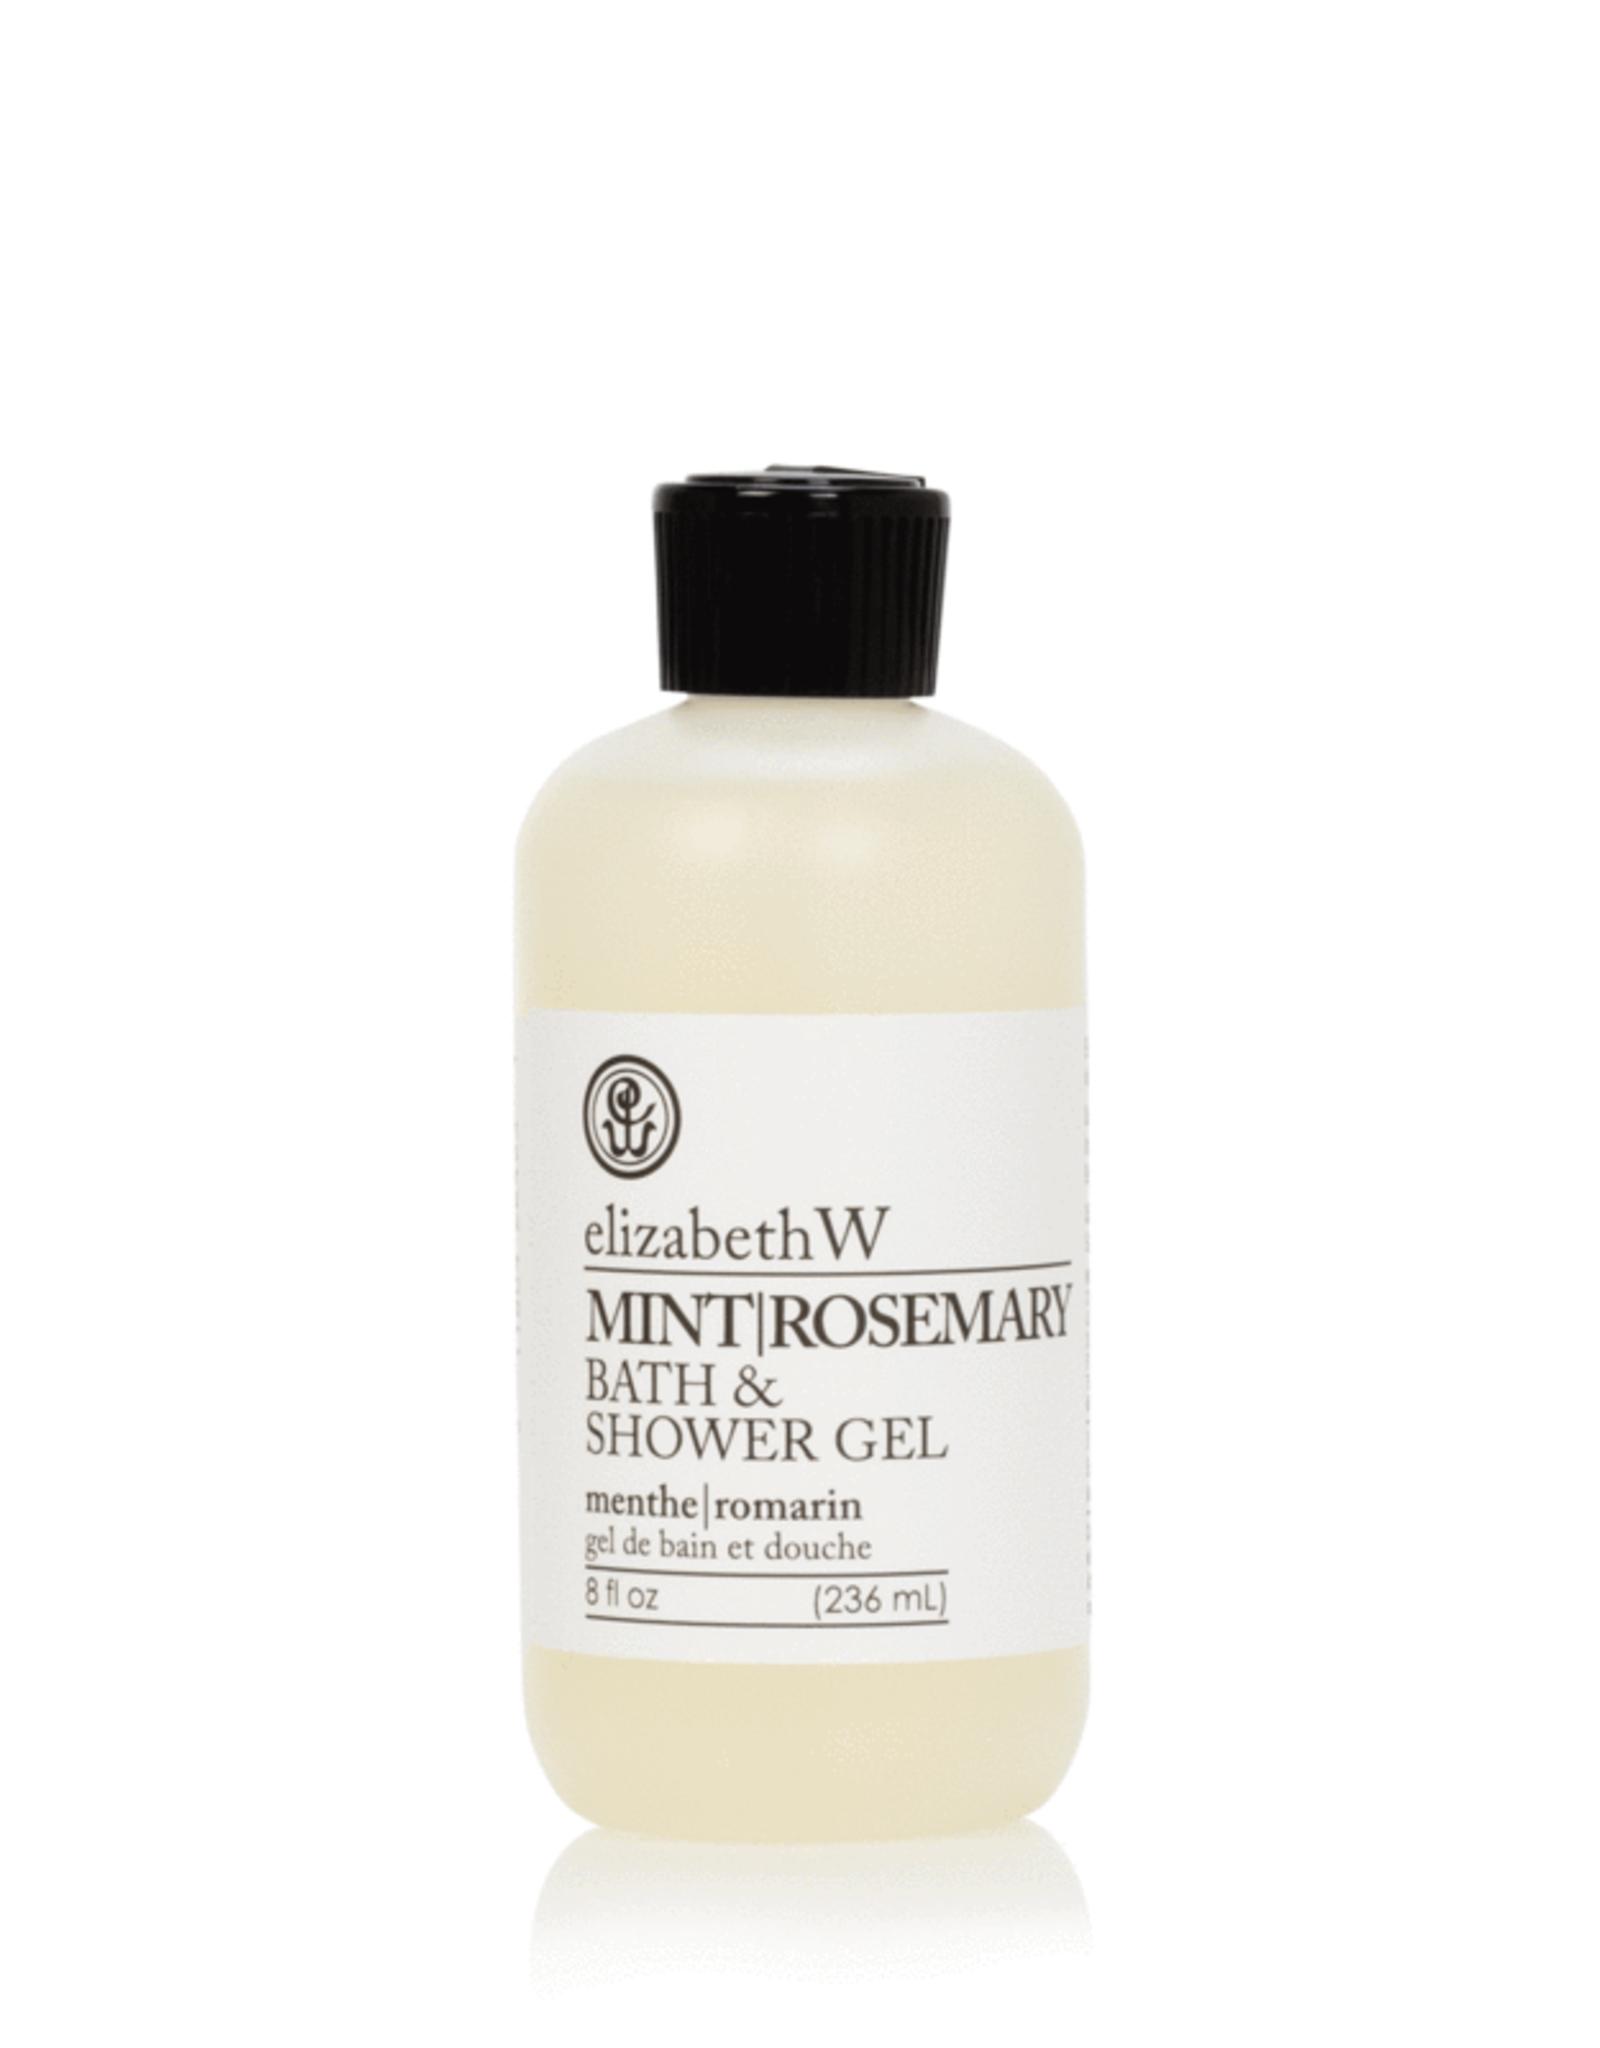 Elizabeth W Mint Rosemary Bath & Shower Gel